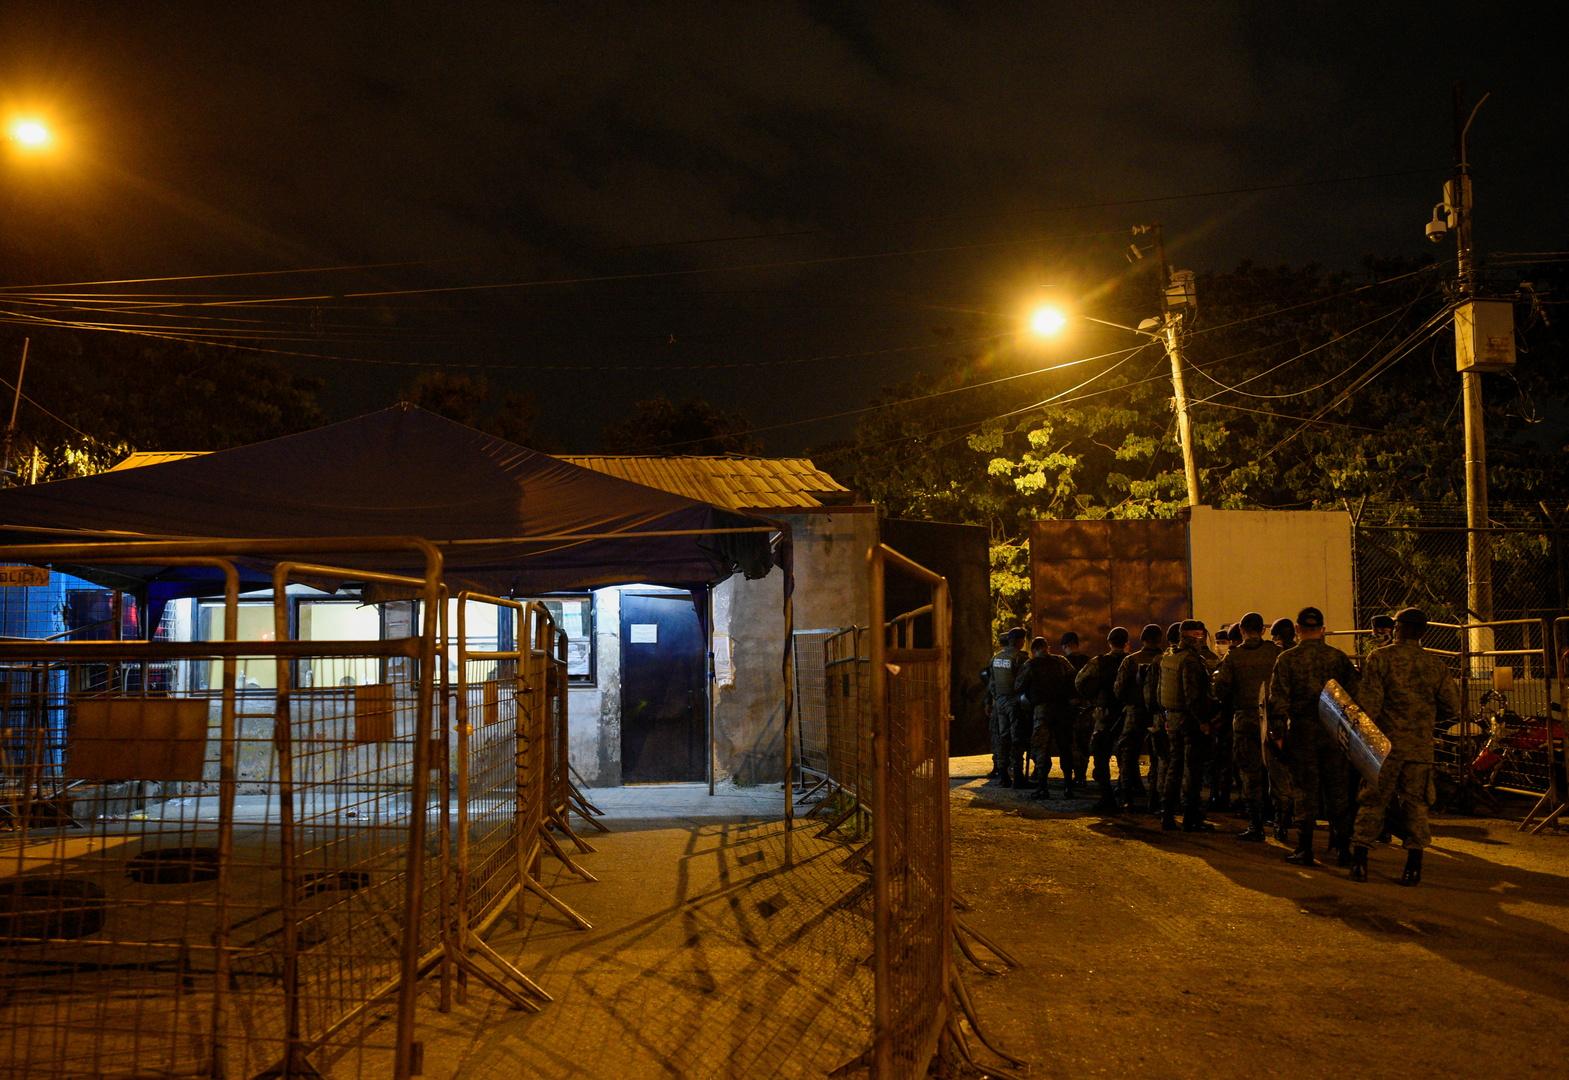 8 قتلى و20 جريحا في أعمال شغب في سجنين بالاكوادور